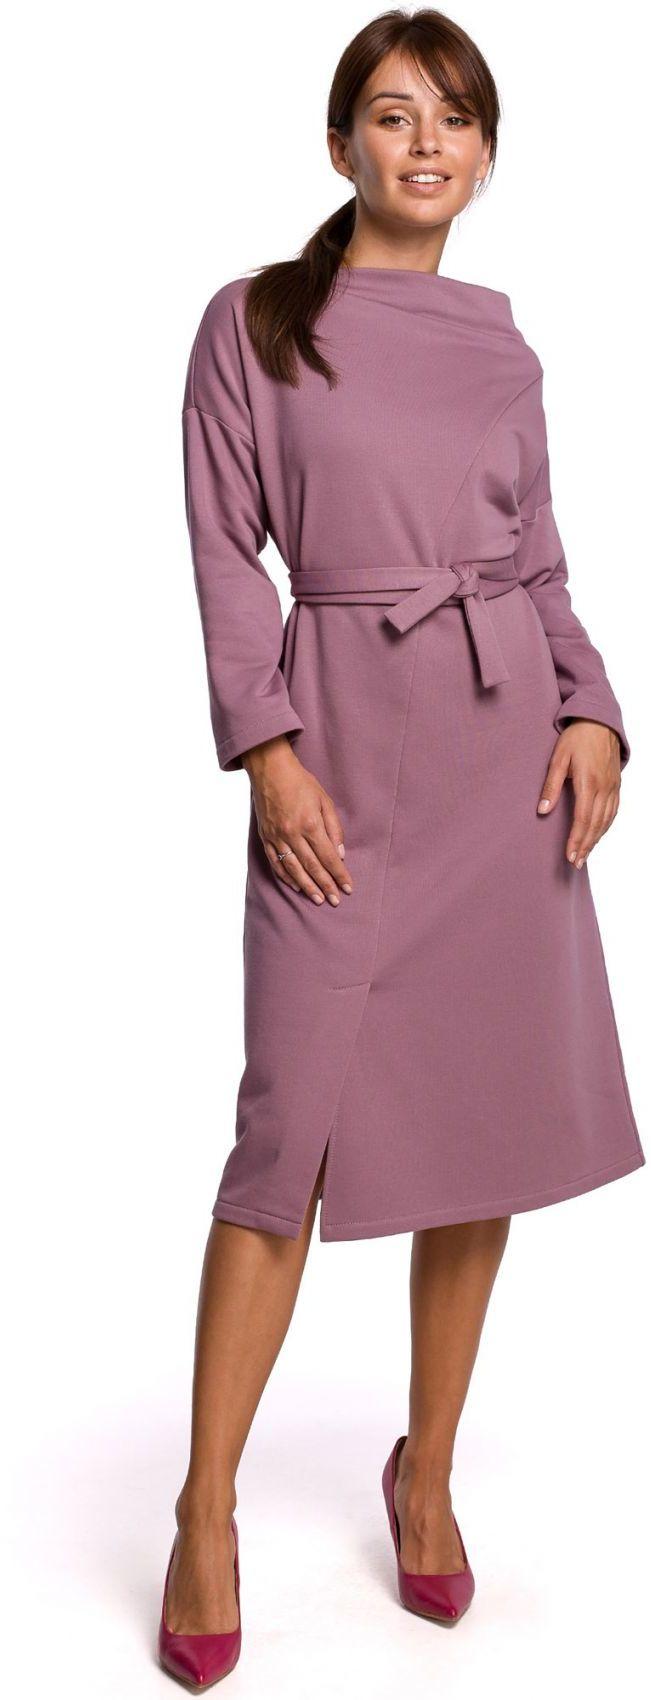 B178 Sukienka z dekoltem asymetrycznym i paskiem - wrzosowa